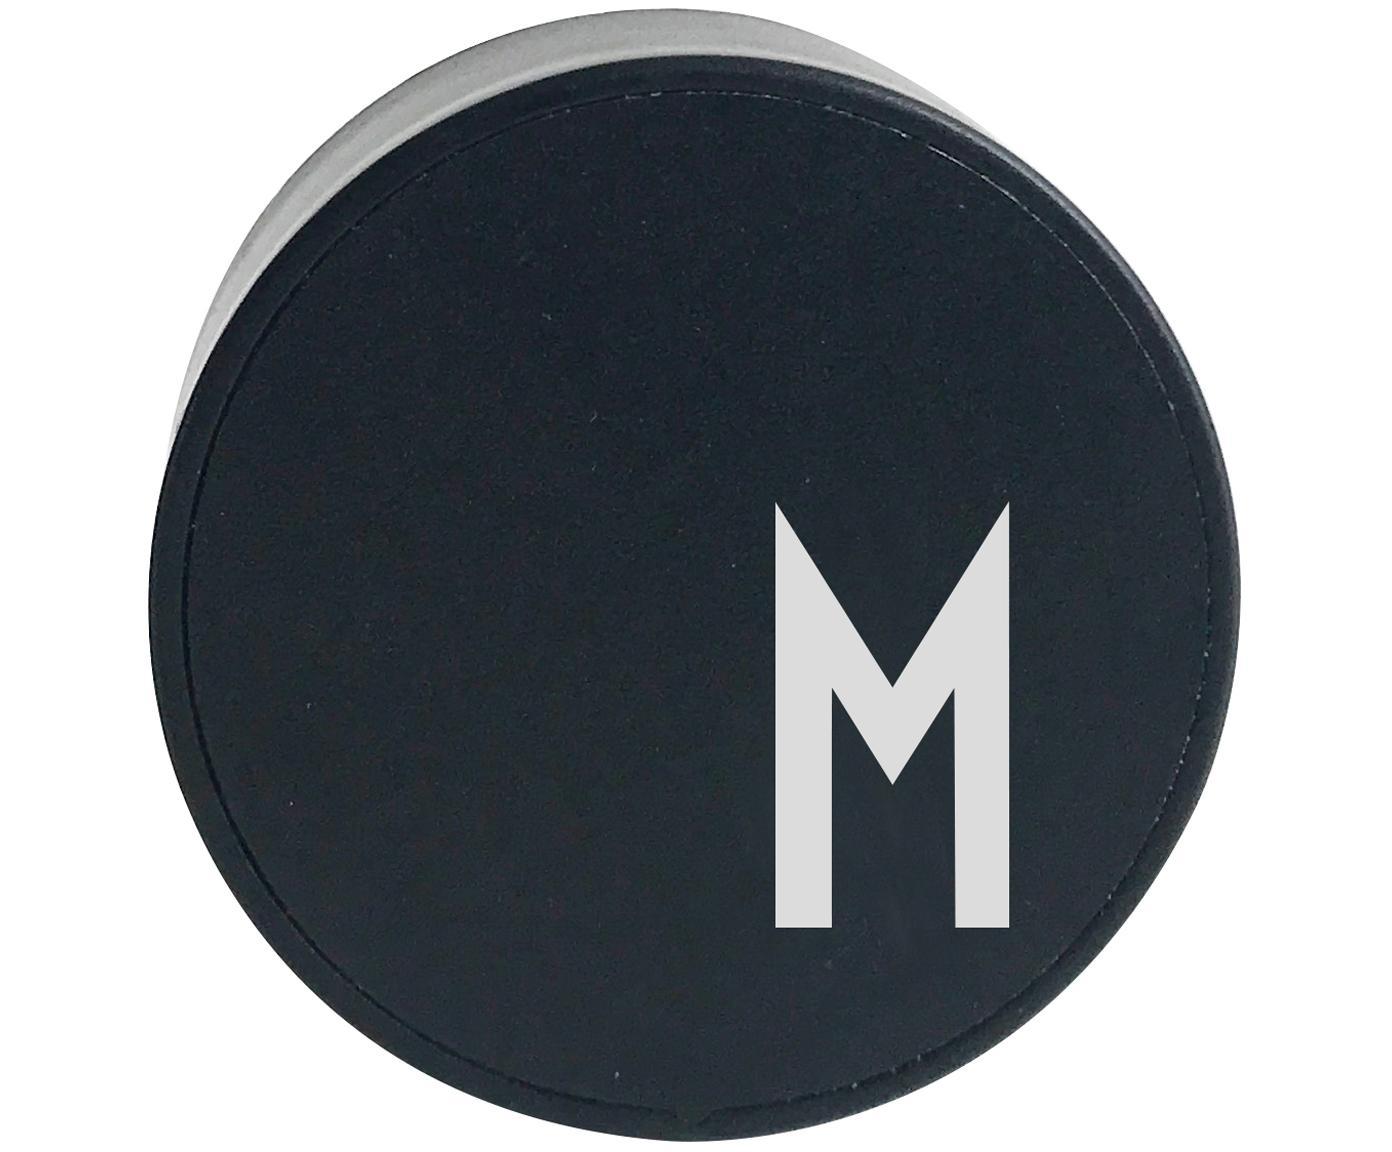 Oplader MyCharger (varianten van A tot Z), Kunststof, Zwart, Oplader M